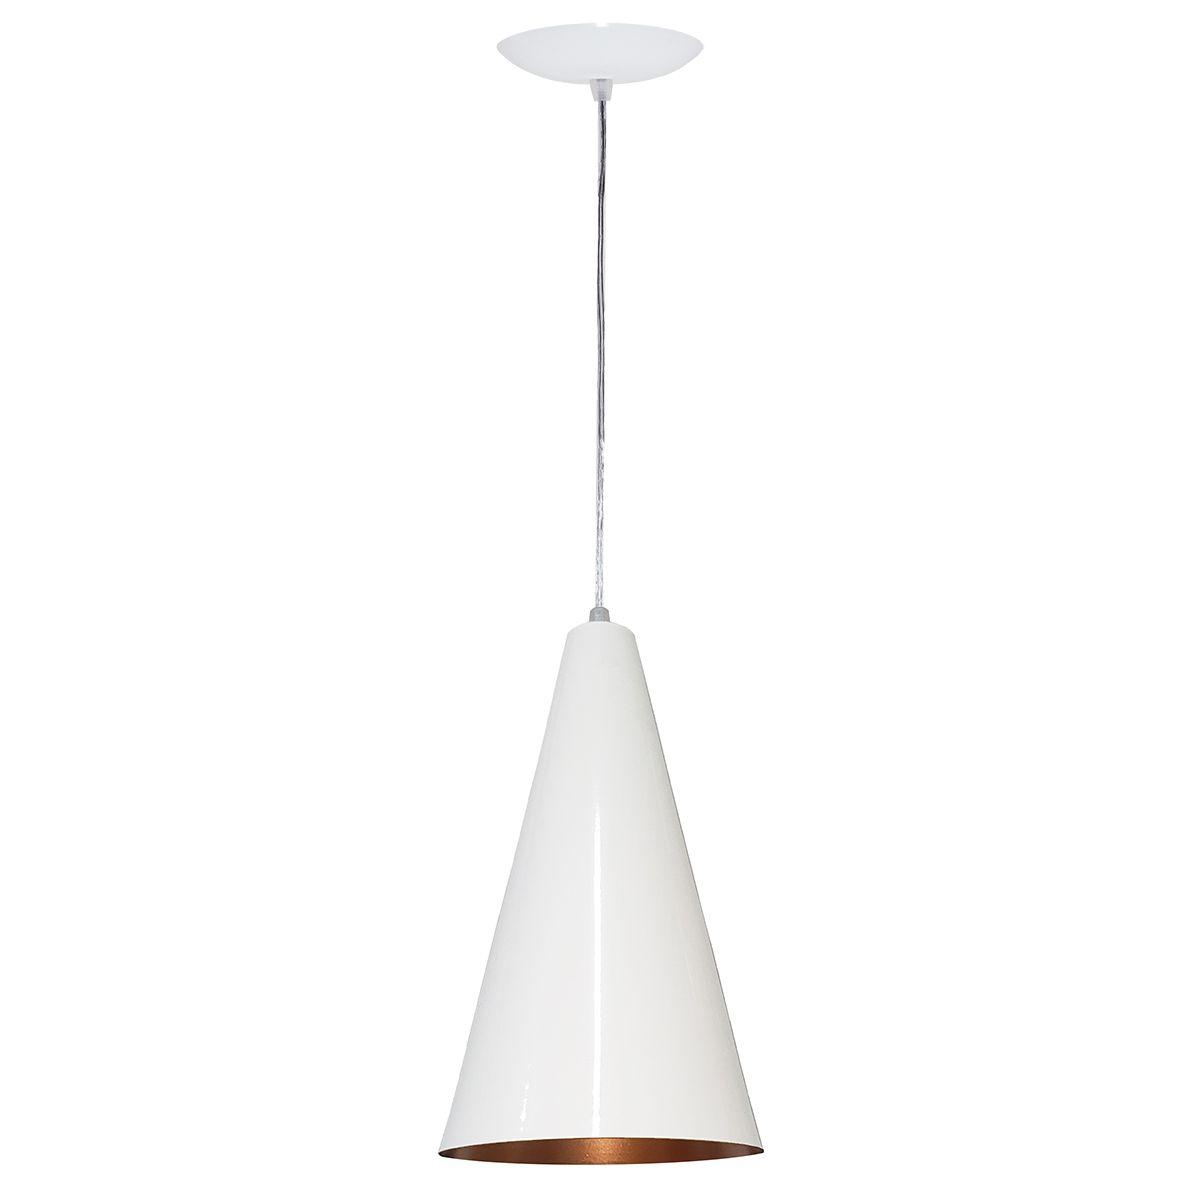 Luminária Decorativa Cônico 29 Branco/Cobre com Pendente